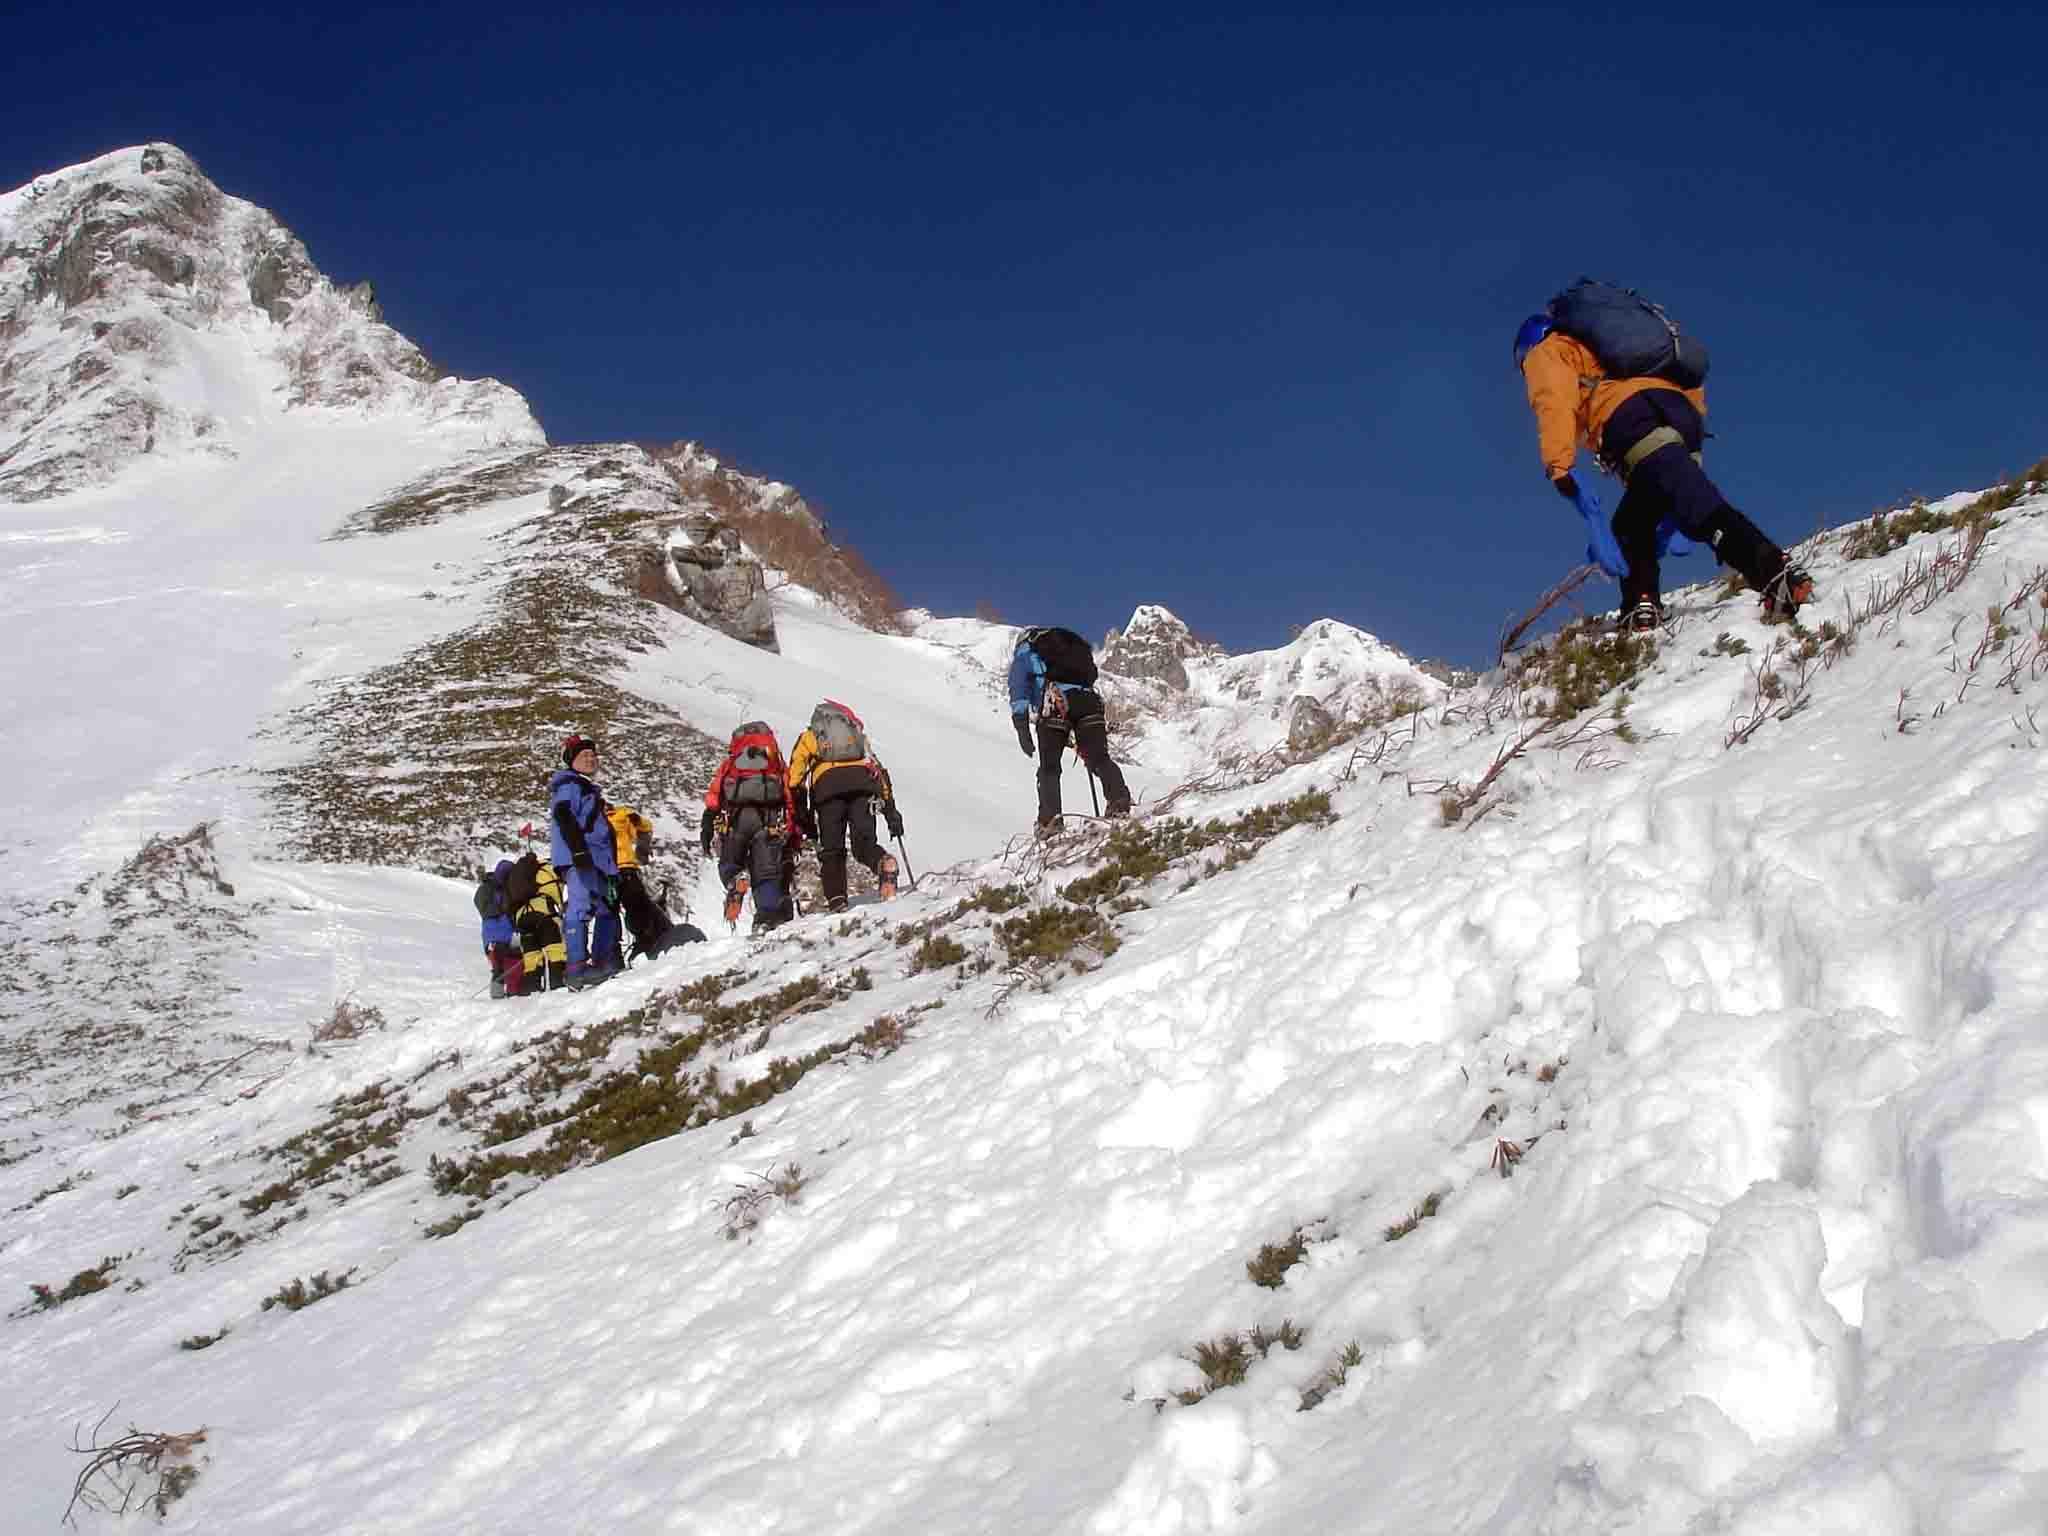 雪庇観察地点へ DSC05890